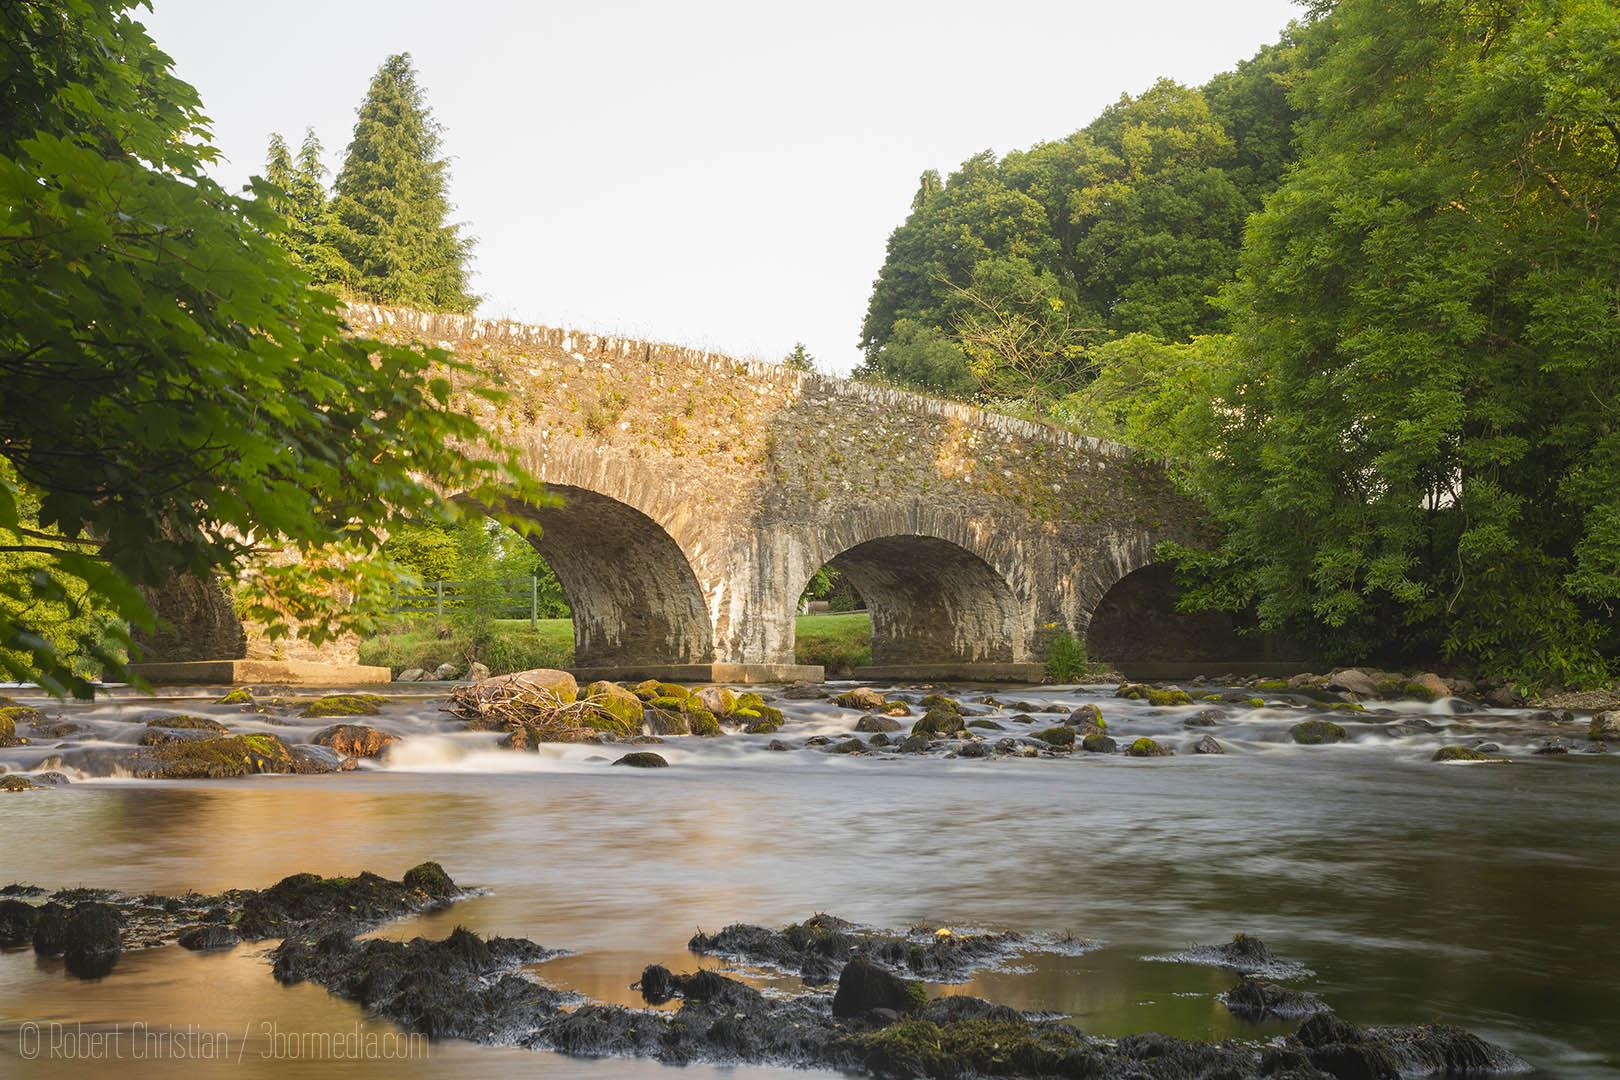 Clara Bridge